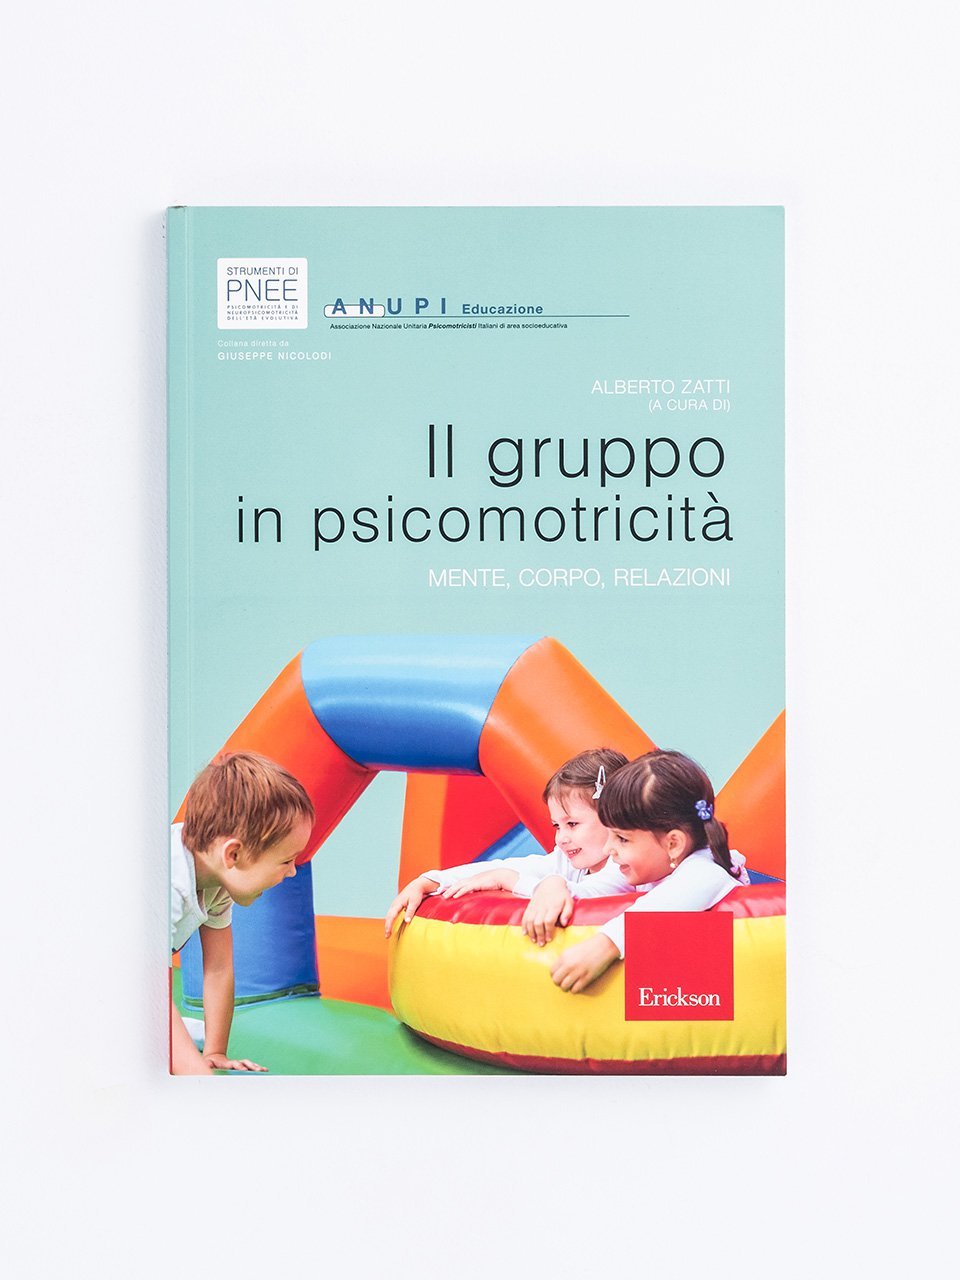 Il gruppo in psicomotricità - Educare in natura - Libri - Erickson